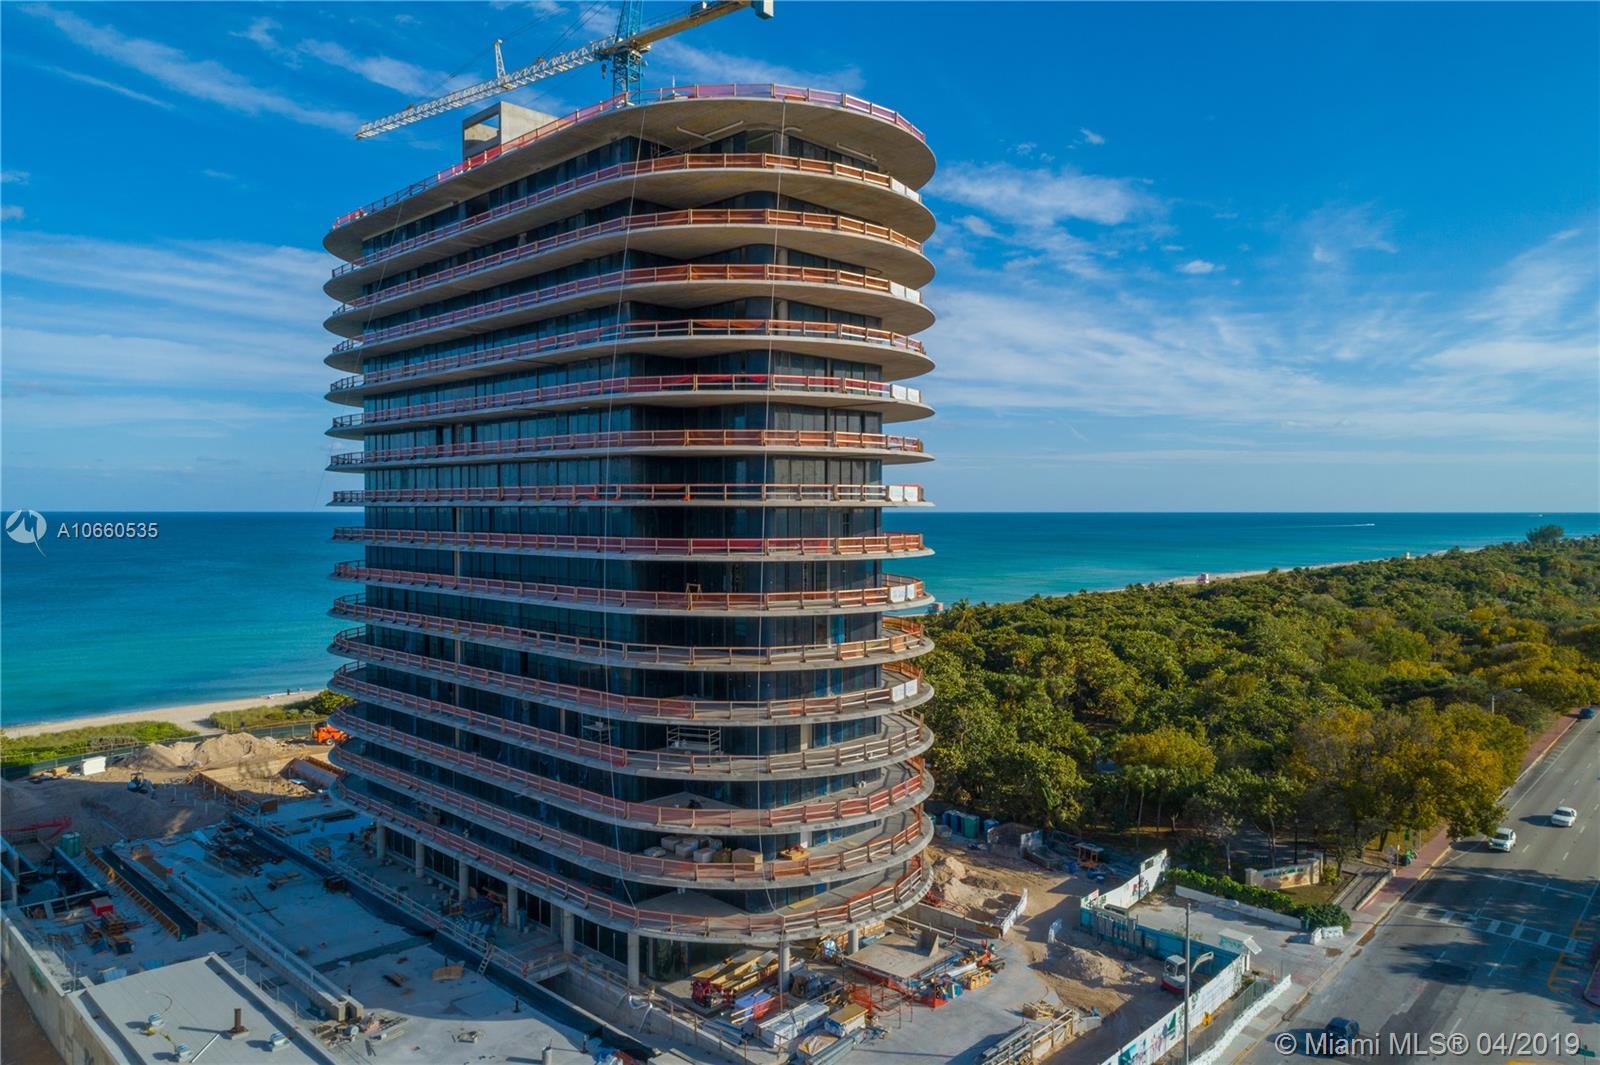 8701 Collins Avenue, 304 - Miami Beach, Florida